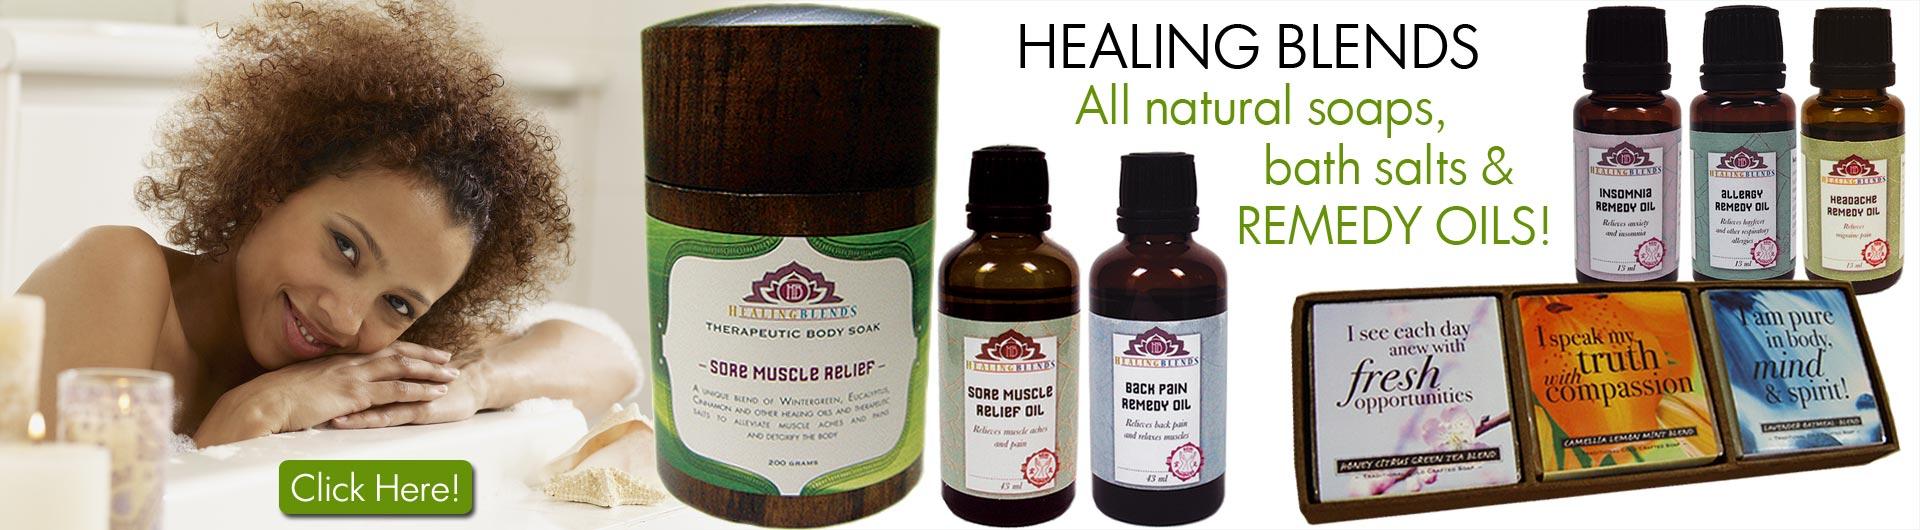 Healing Blends 100% NATURAL